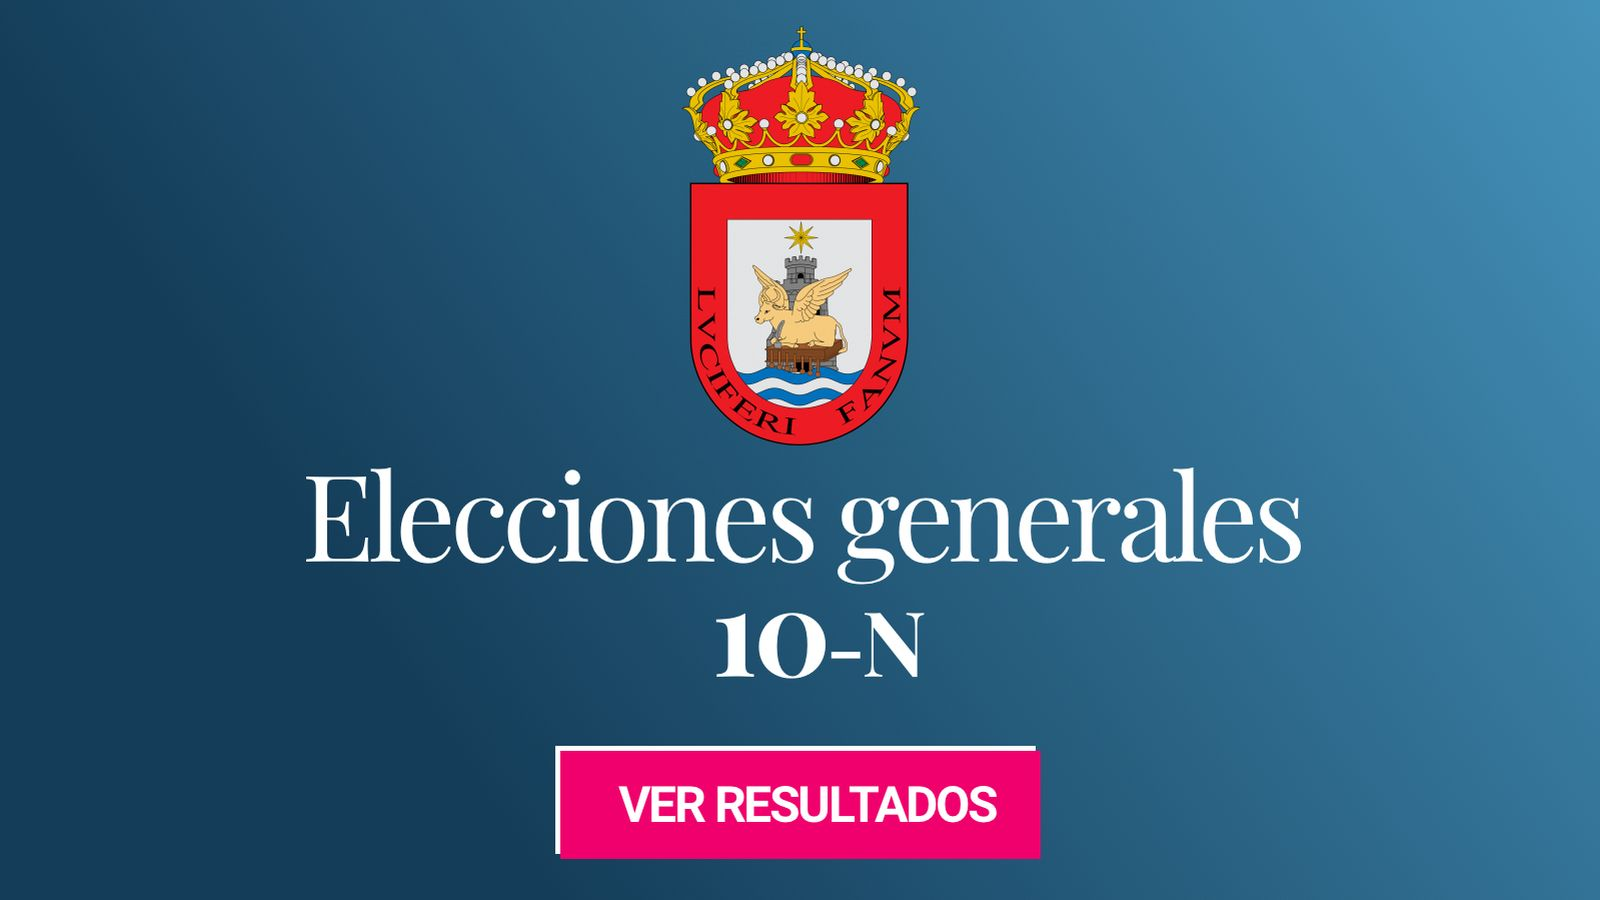 Foto: Elecciones generales 2019 en Sanlúcar de Barrameda. (C.C./EC)